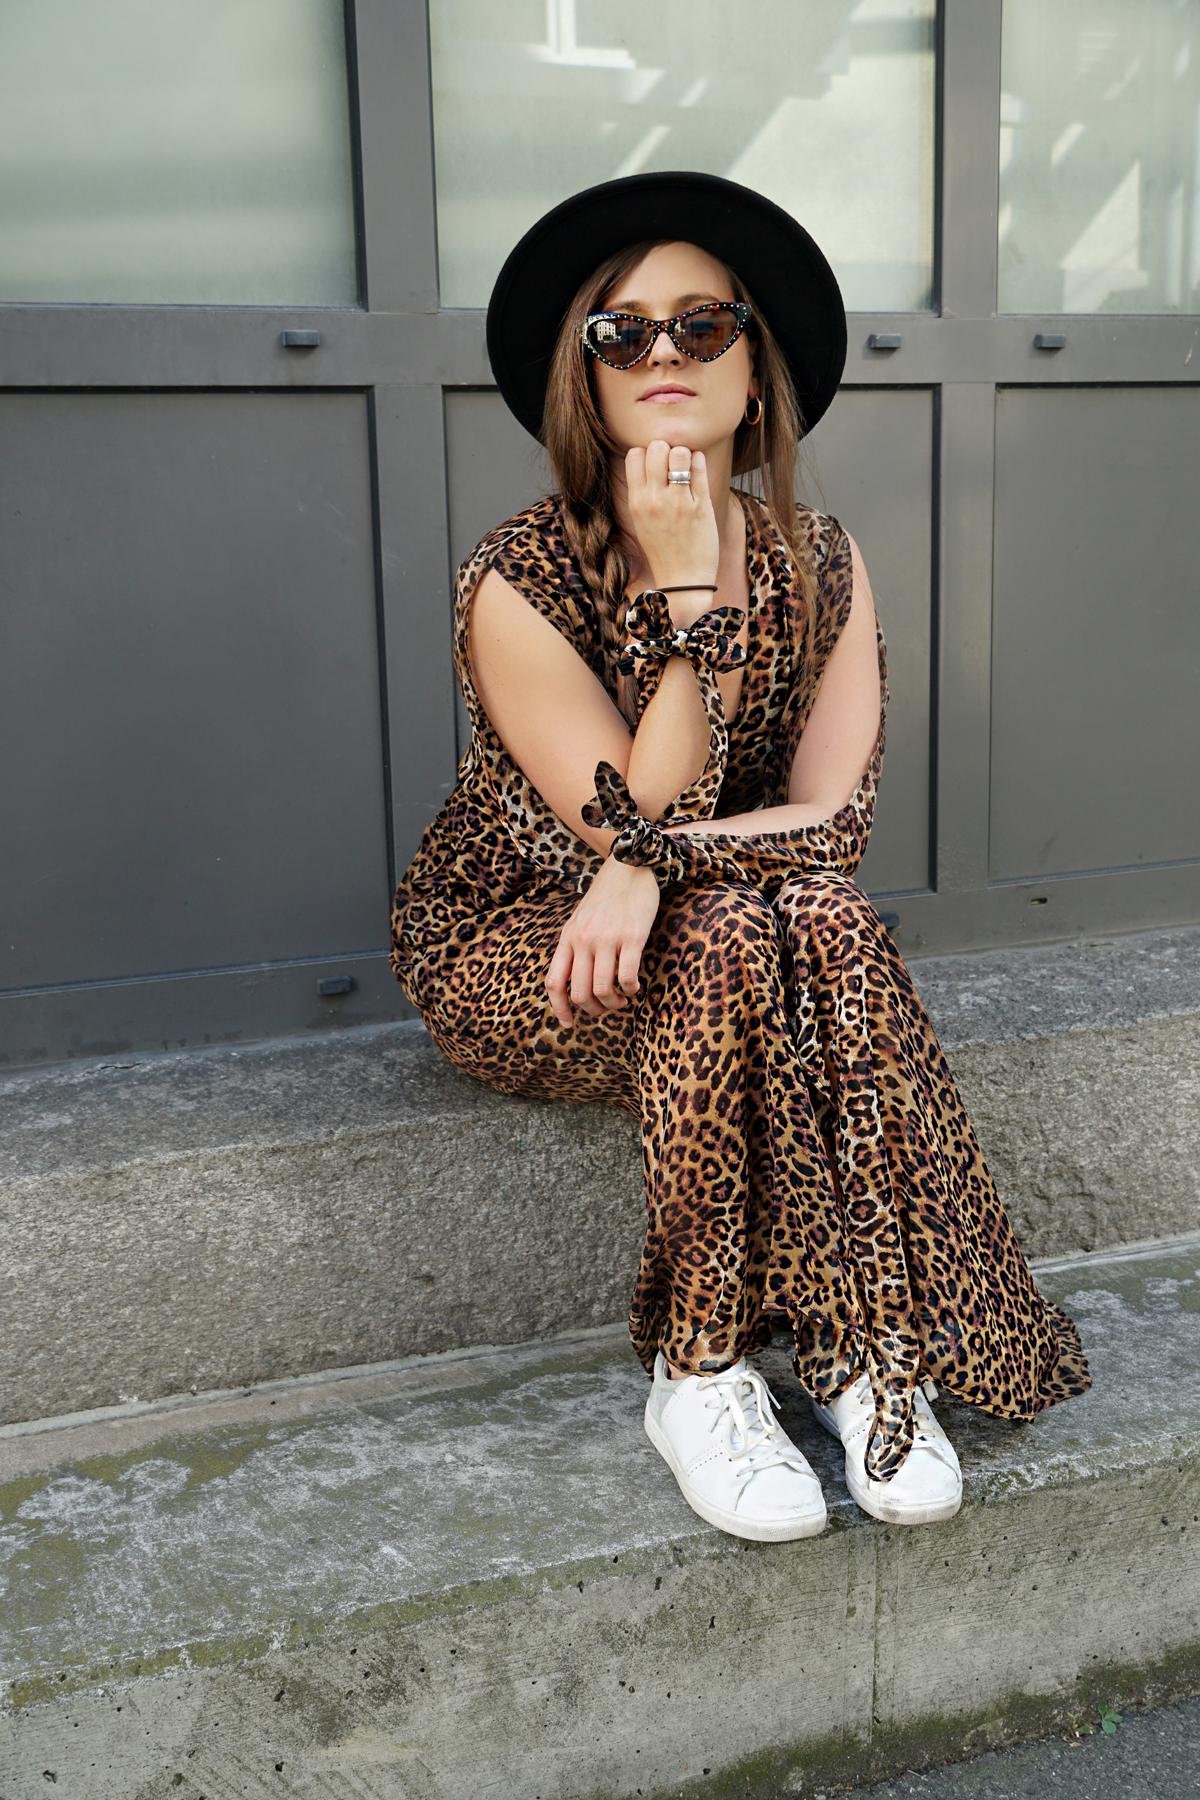 Ein Kleid im Leoparden-Muster mit einer Bauchtasche und weissen Turnschuhen. Für die Casual Variante trägt Andrea vom Mode Blog Strawberries 'n' Champagne dazu ein schwarzer Hut und eine Tat Eye Sonnenbrille.